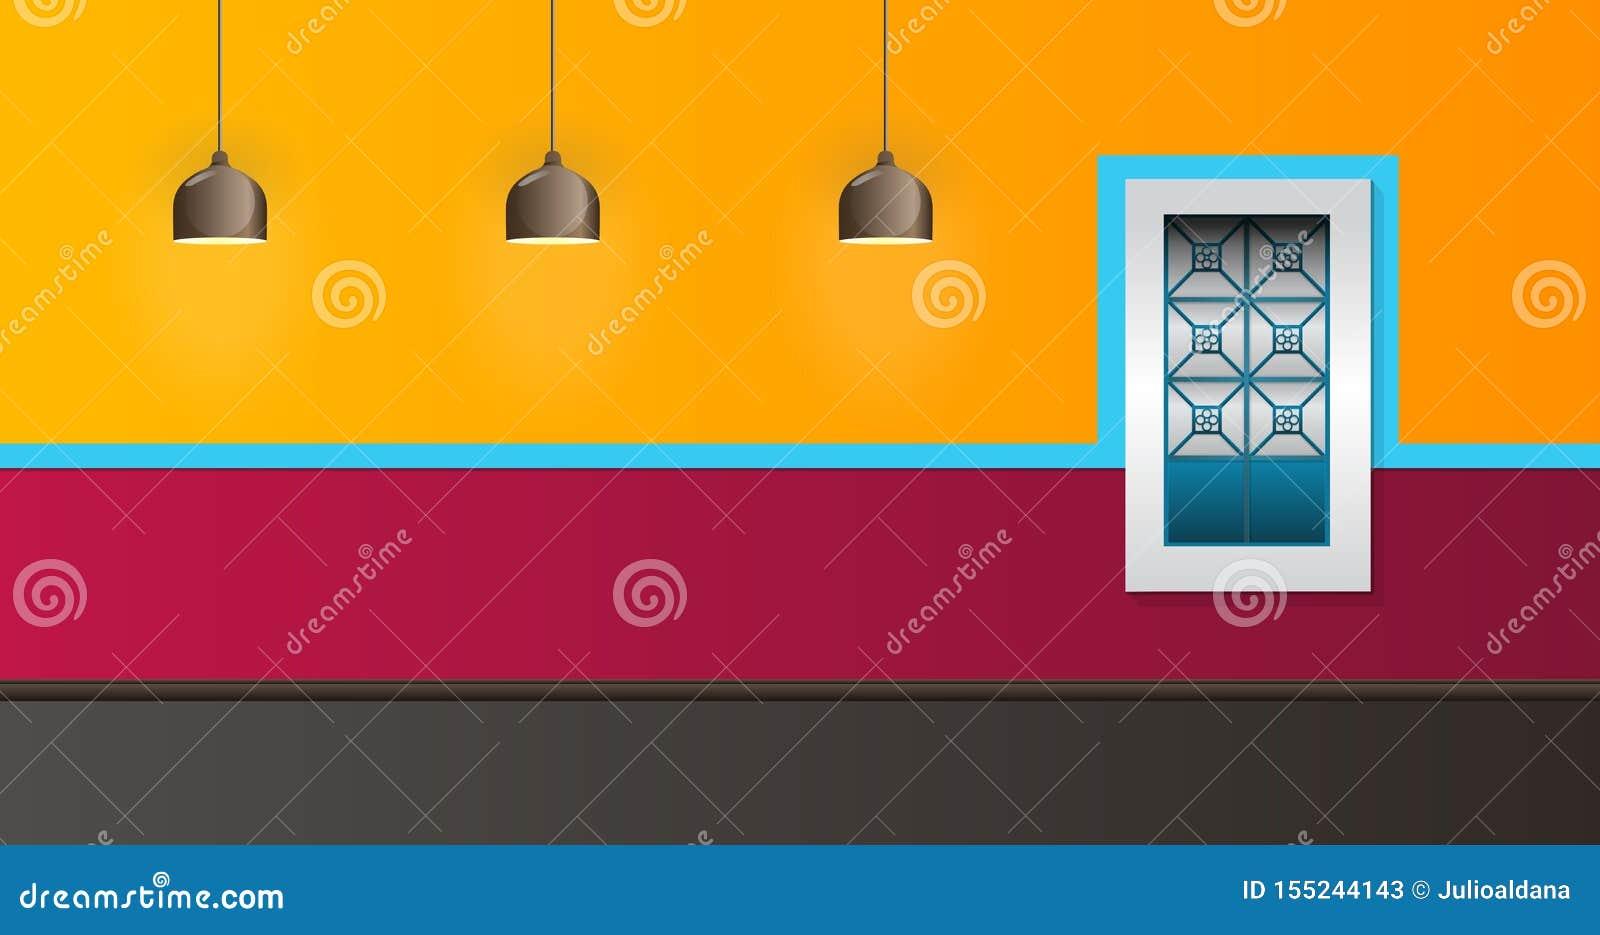 Estilo colonial da janela e da lâmpada da ilustração do vetor da fachada da casa